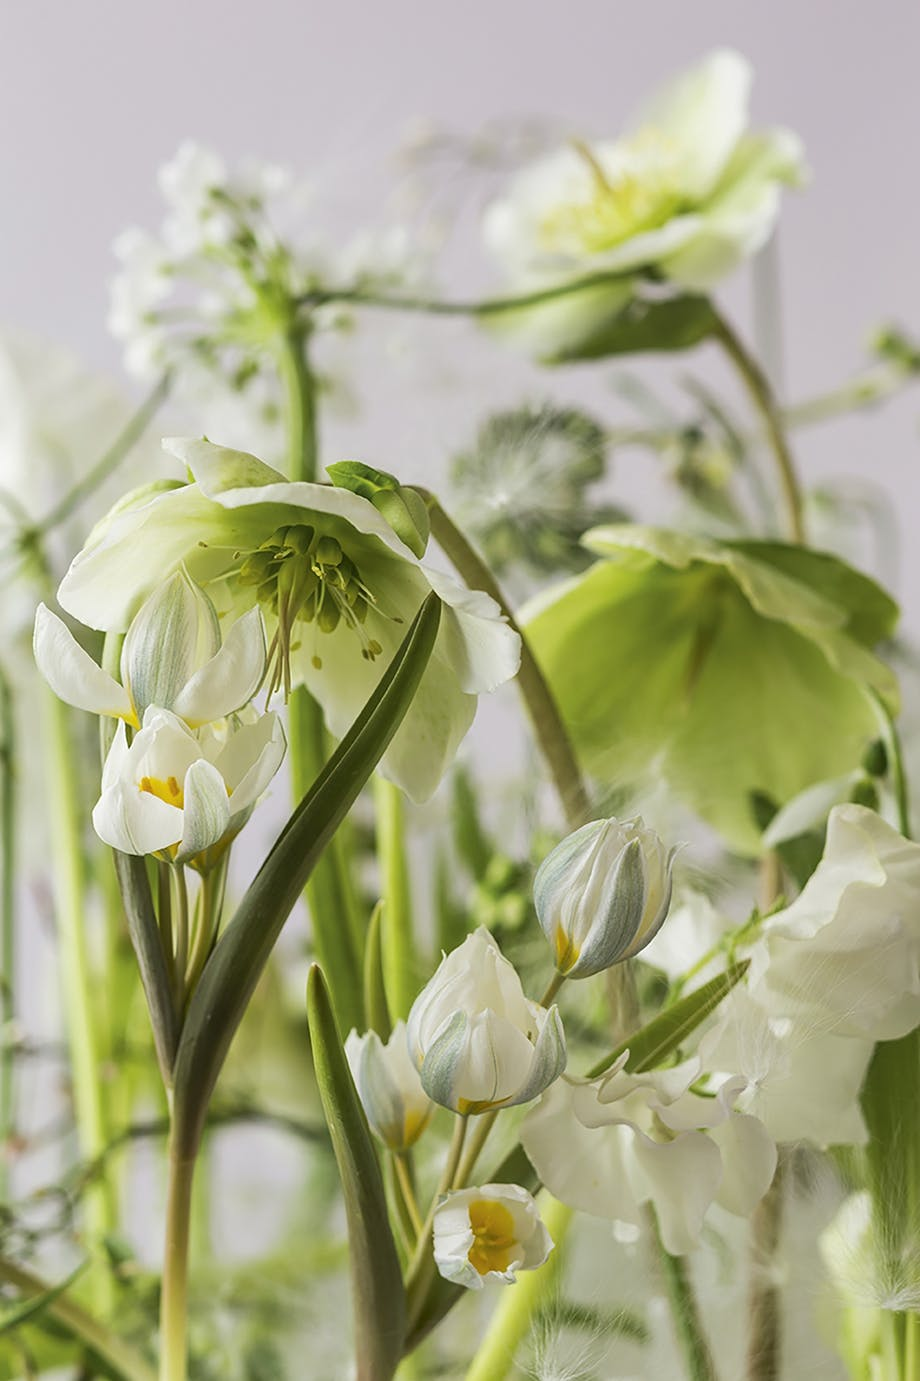 blomster nærbillede af blomsterdekoration af annette von einem